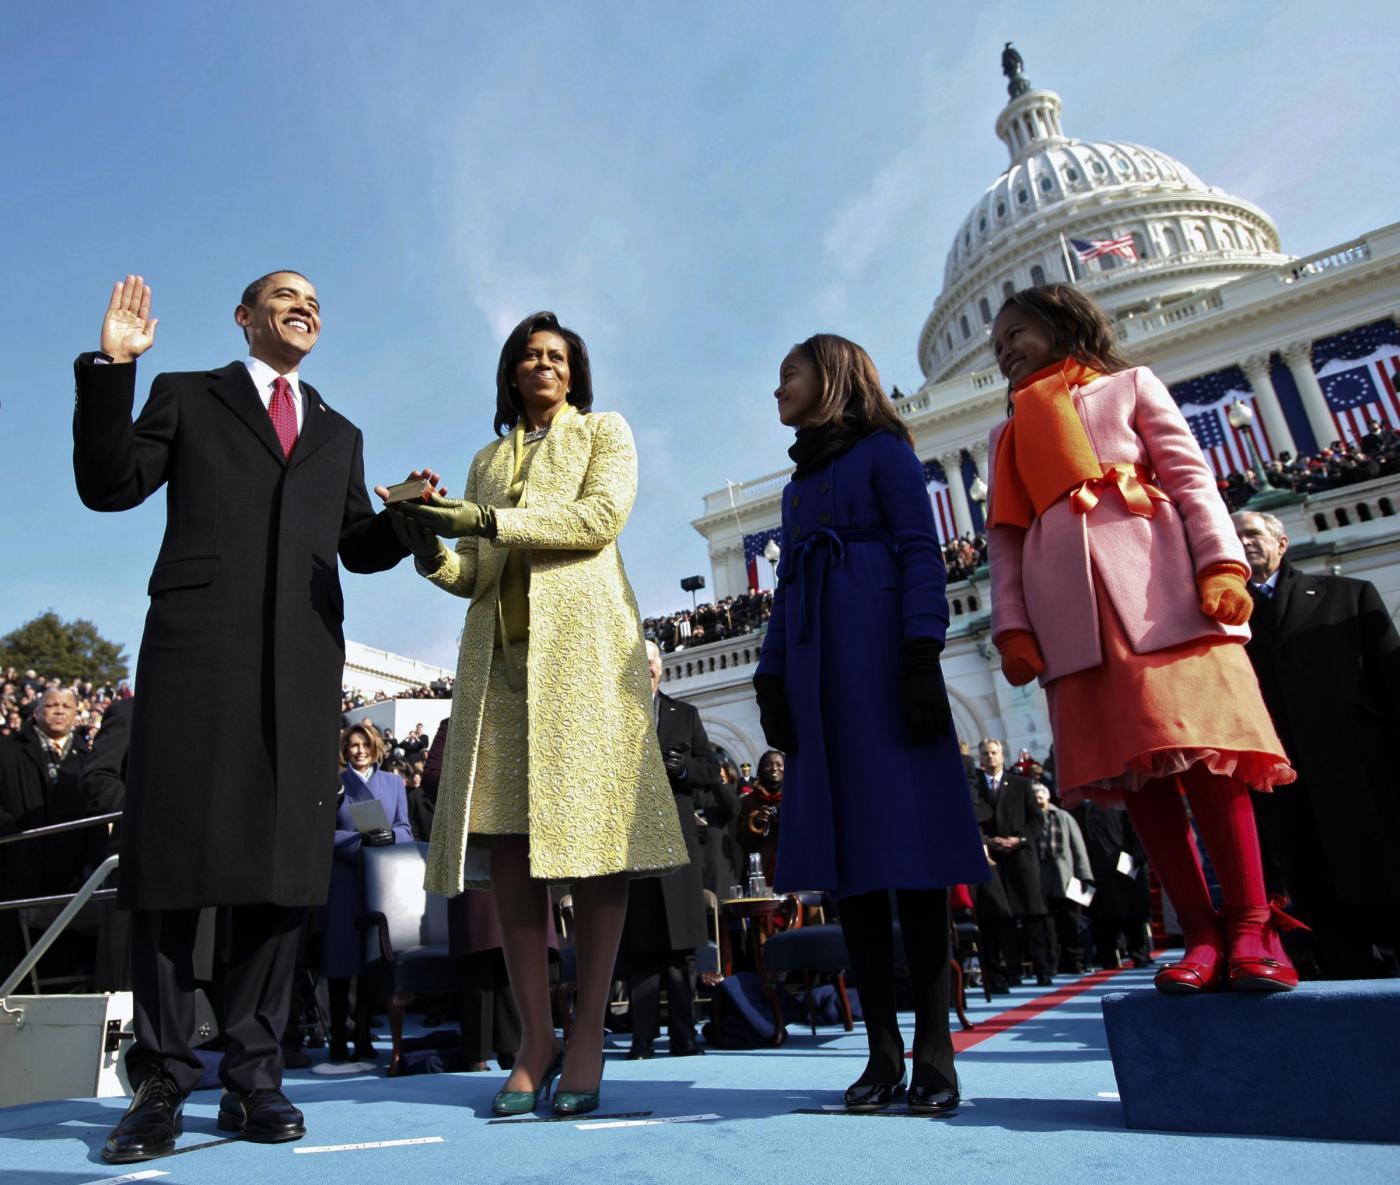 Fotostory del presidente americano Barack Obama